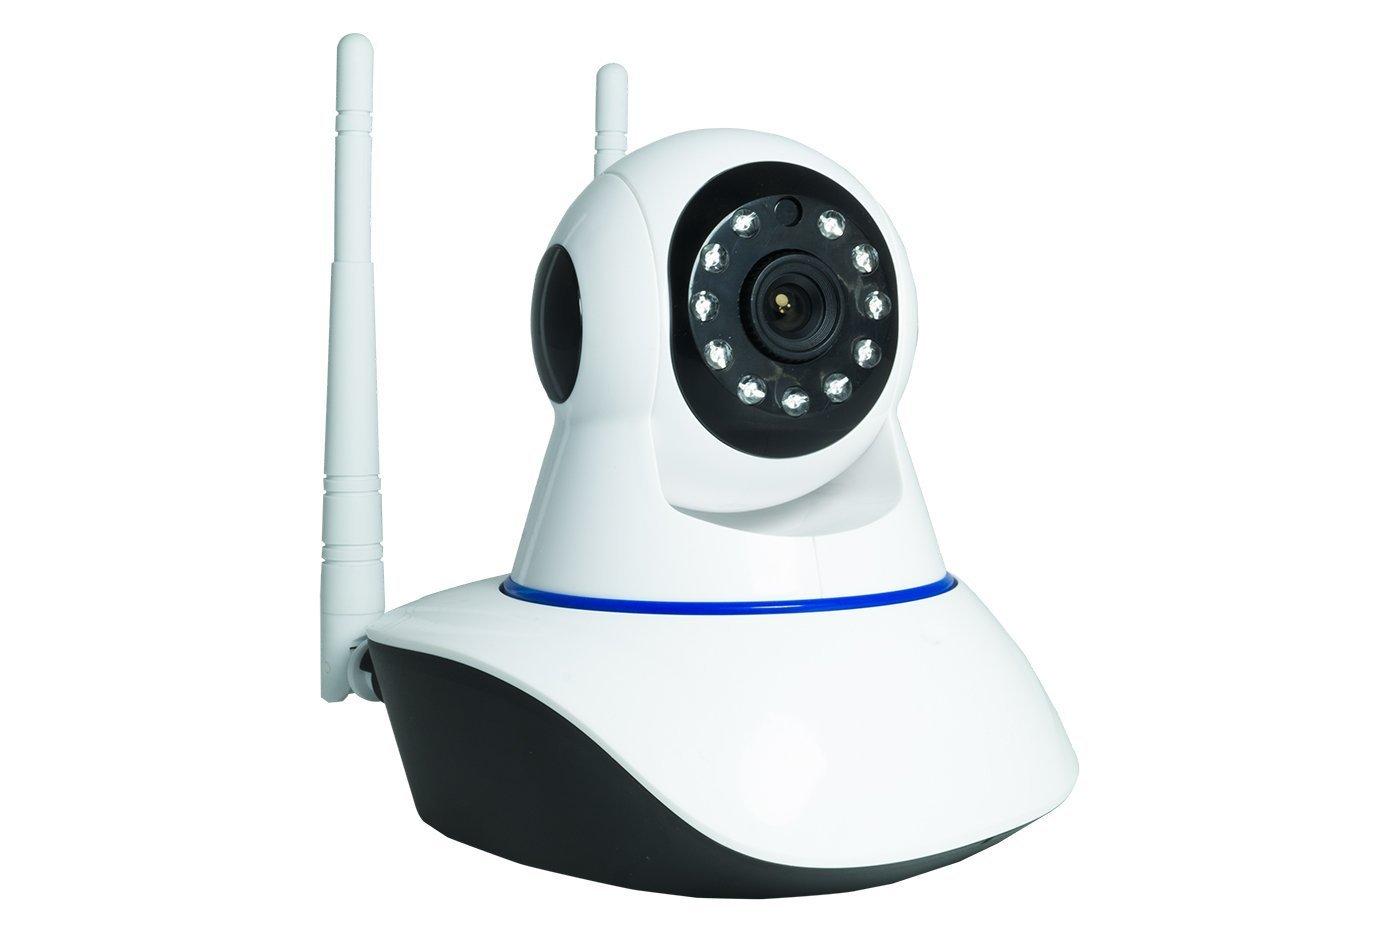 Telecamera IP CAMERA wi-fi HD 720p motorizzata infrarossi con app YOOSEE